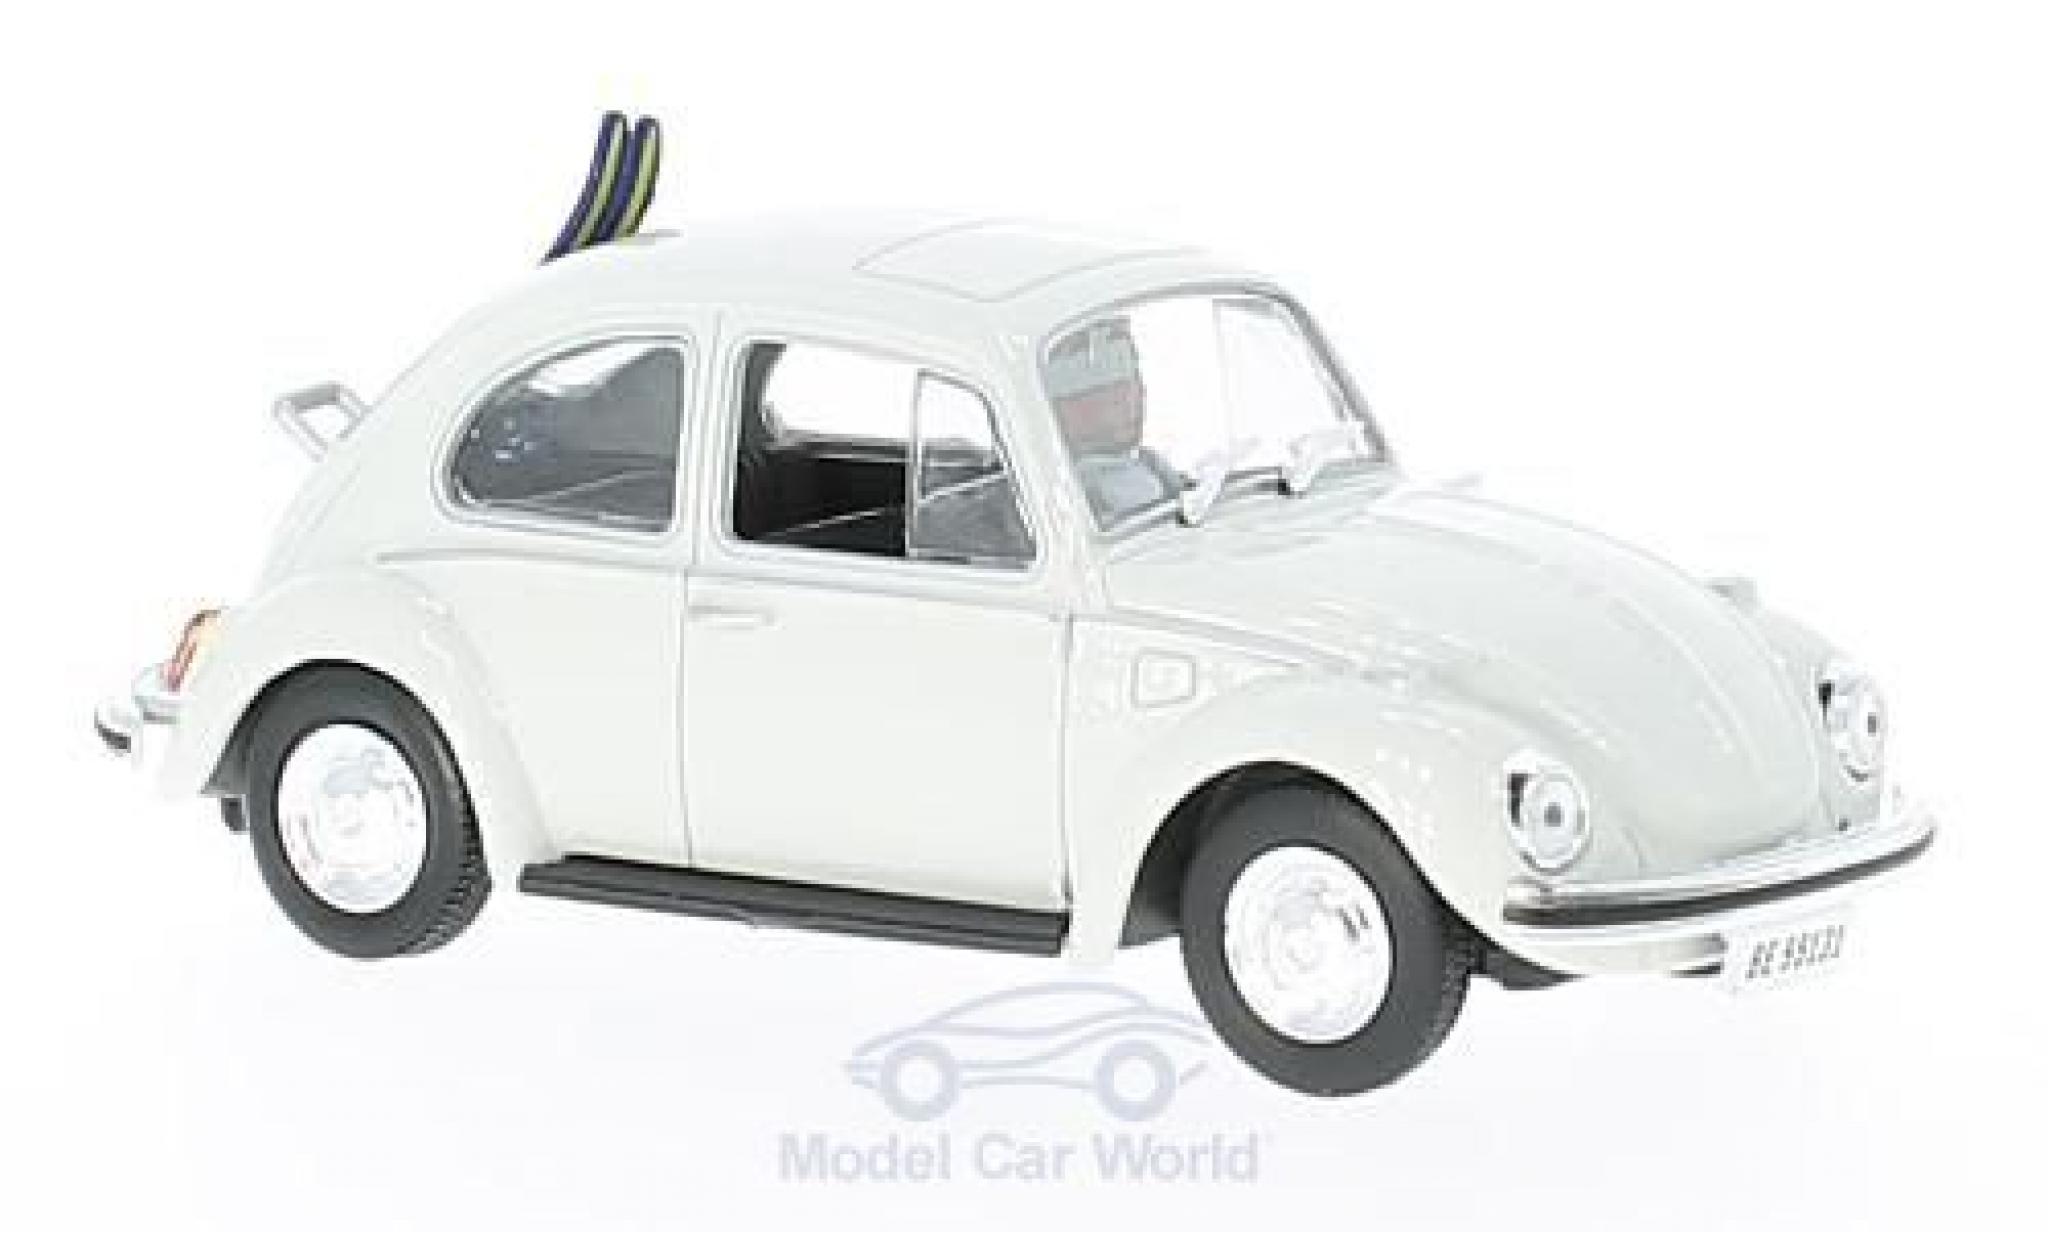 Volkswagen Beetle 1/43 SpecialC. 007 white James Bond 007 Im Geheimdienst Ihrer Majestät ohne Vitrine